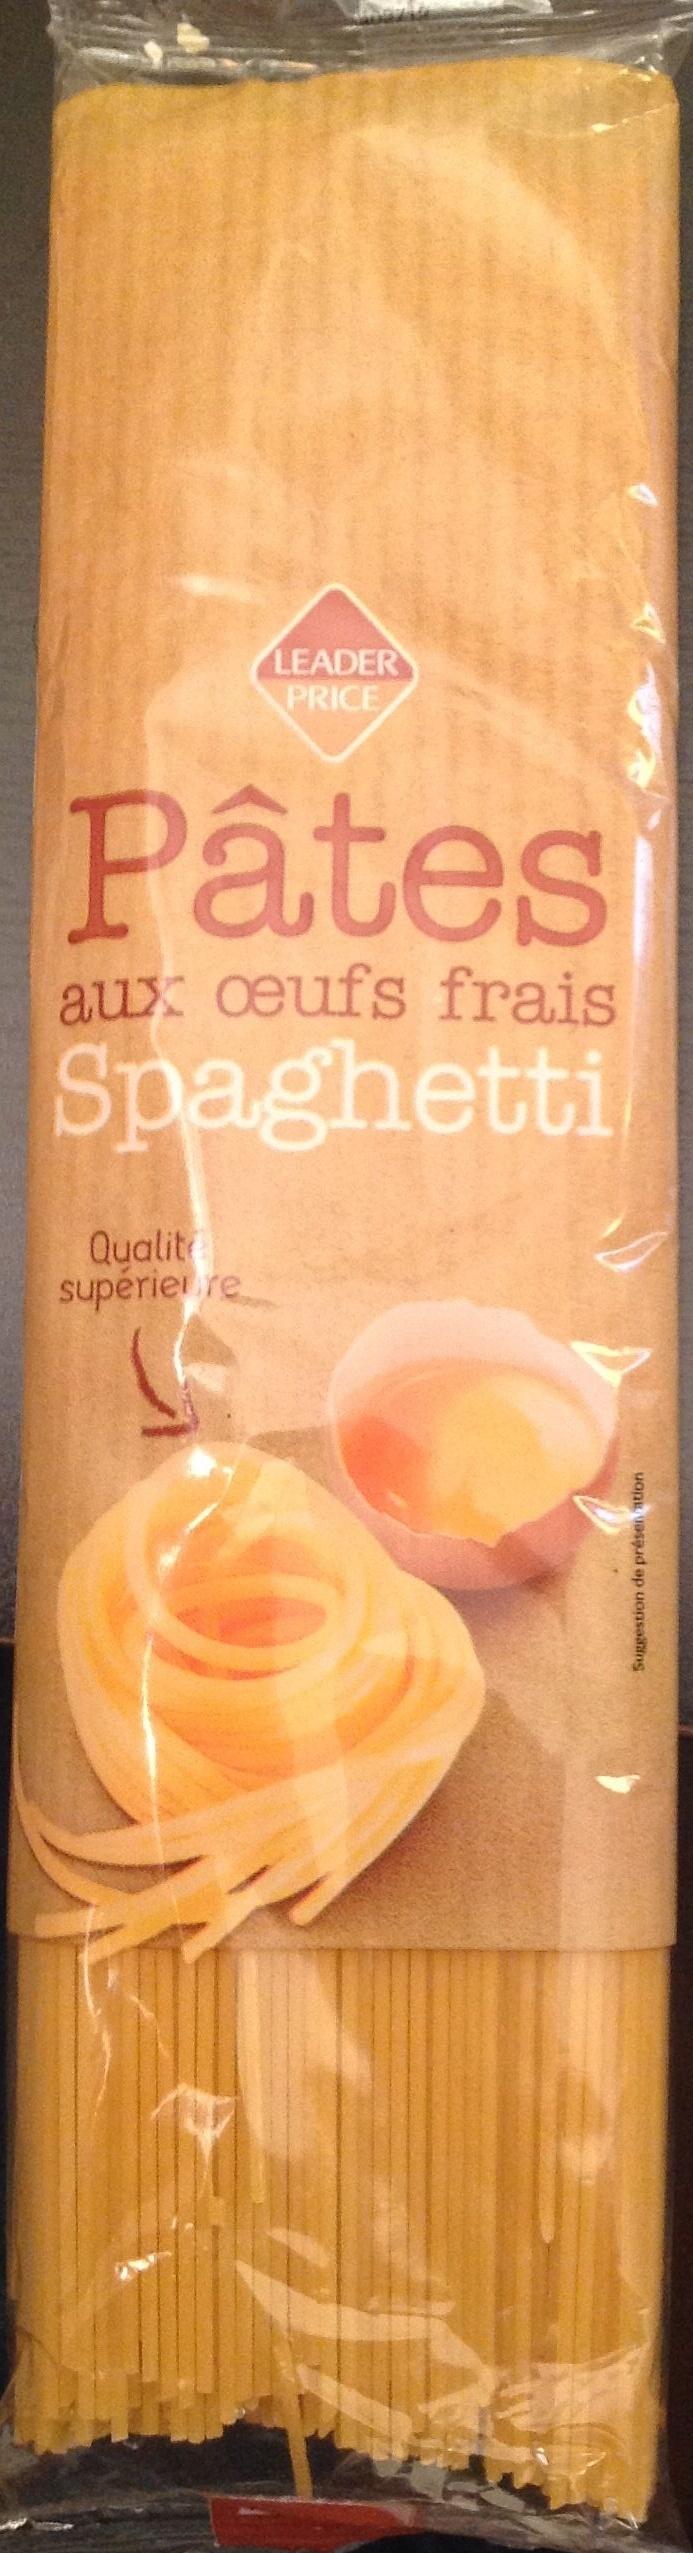 Pâtes aux œufs frais, Spaghetti (Pâtes d'Alsace) - Produit - fr